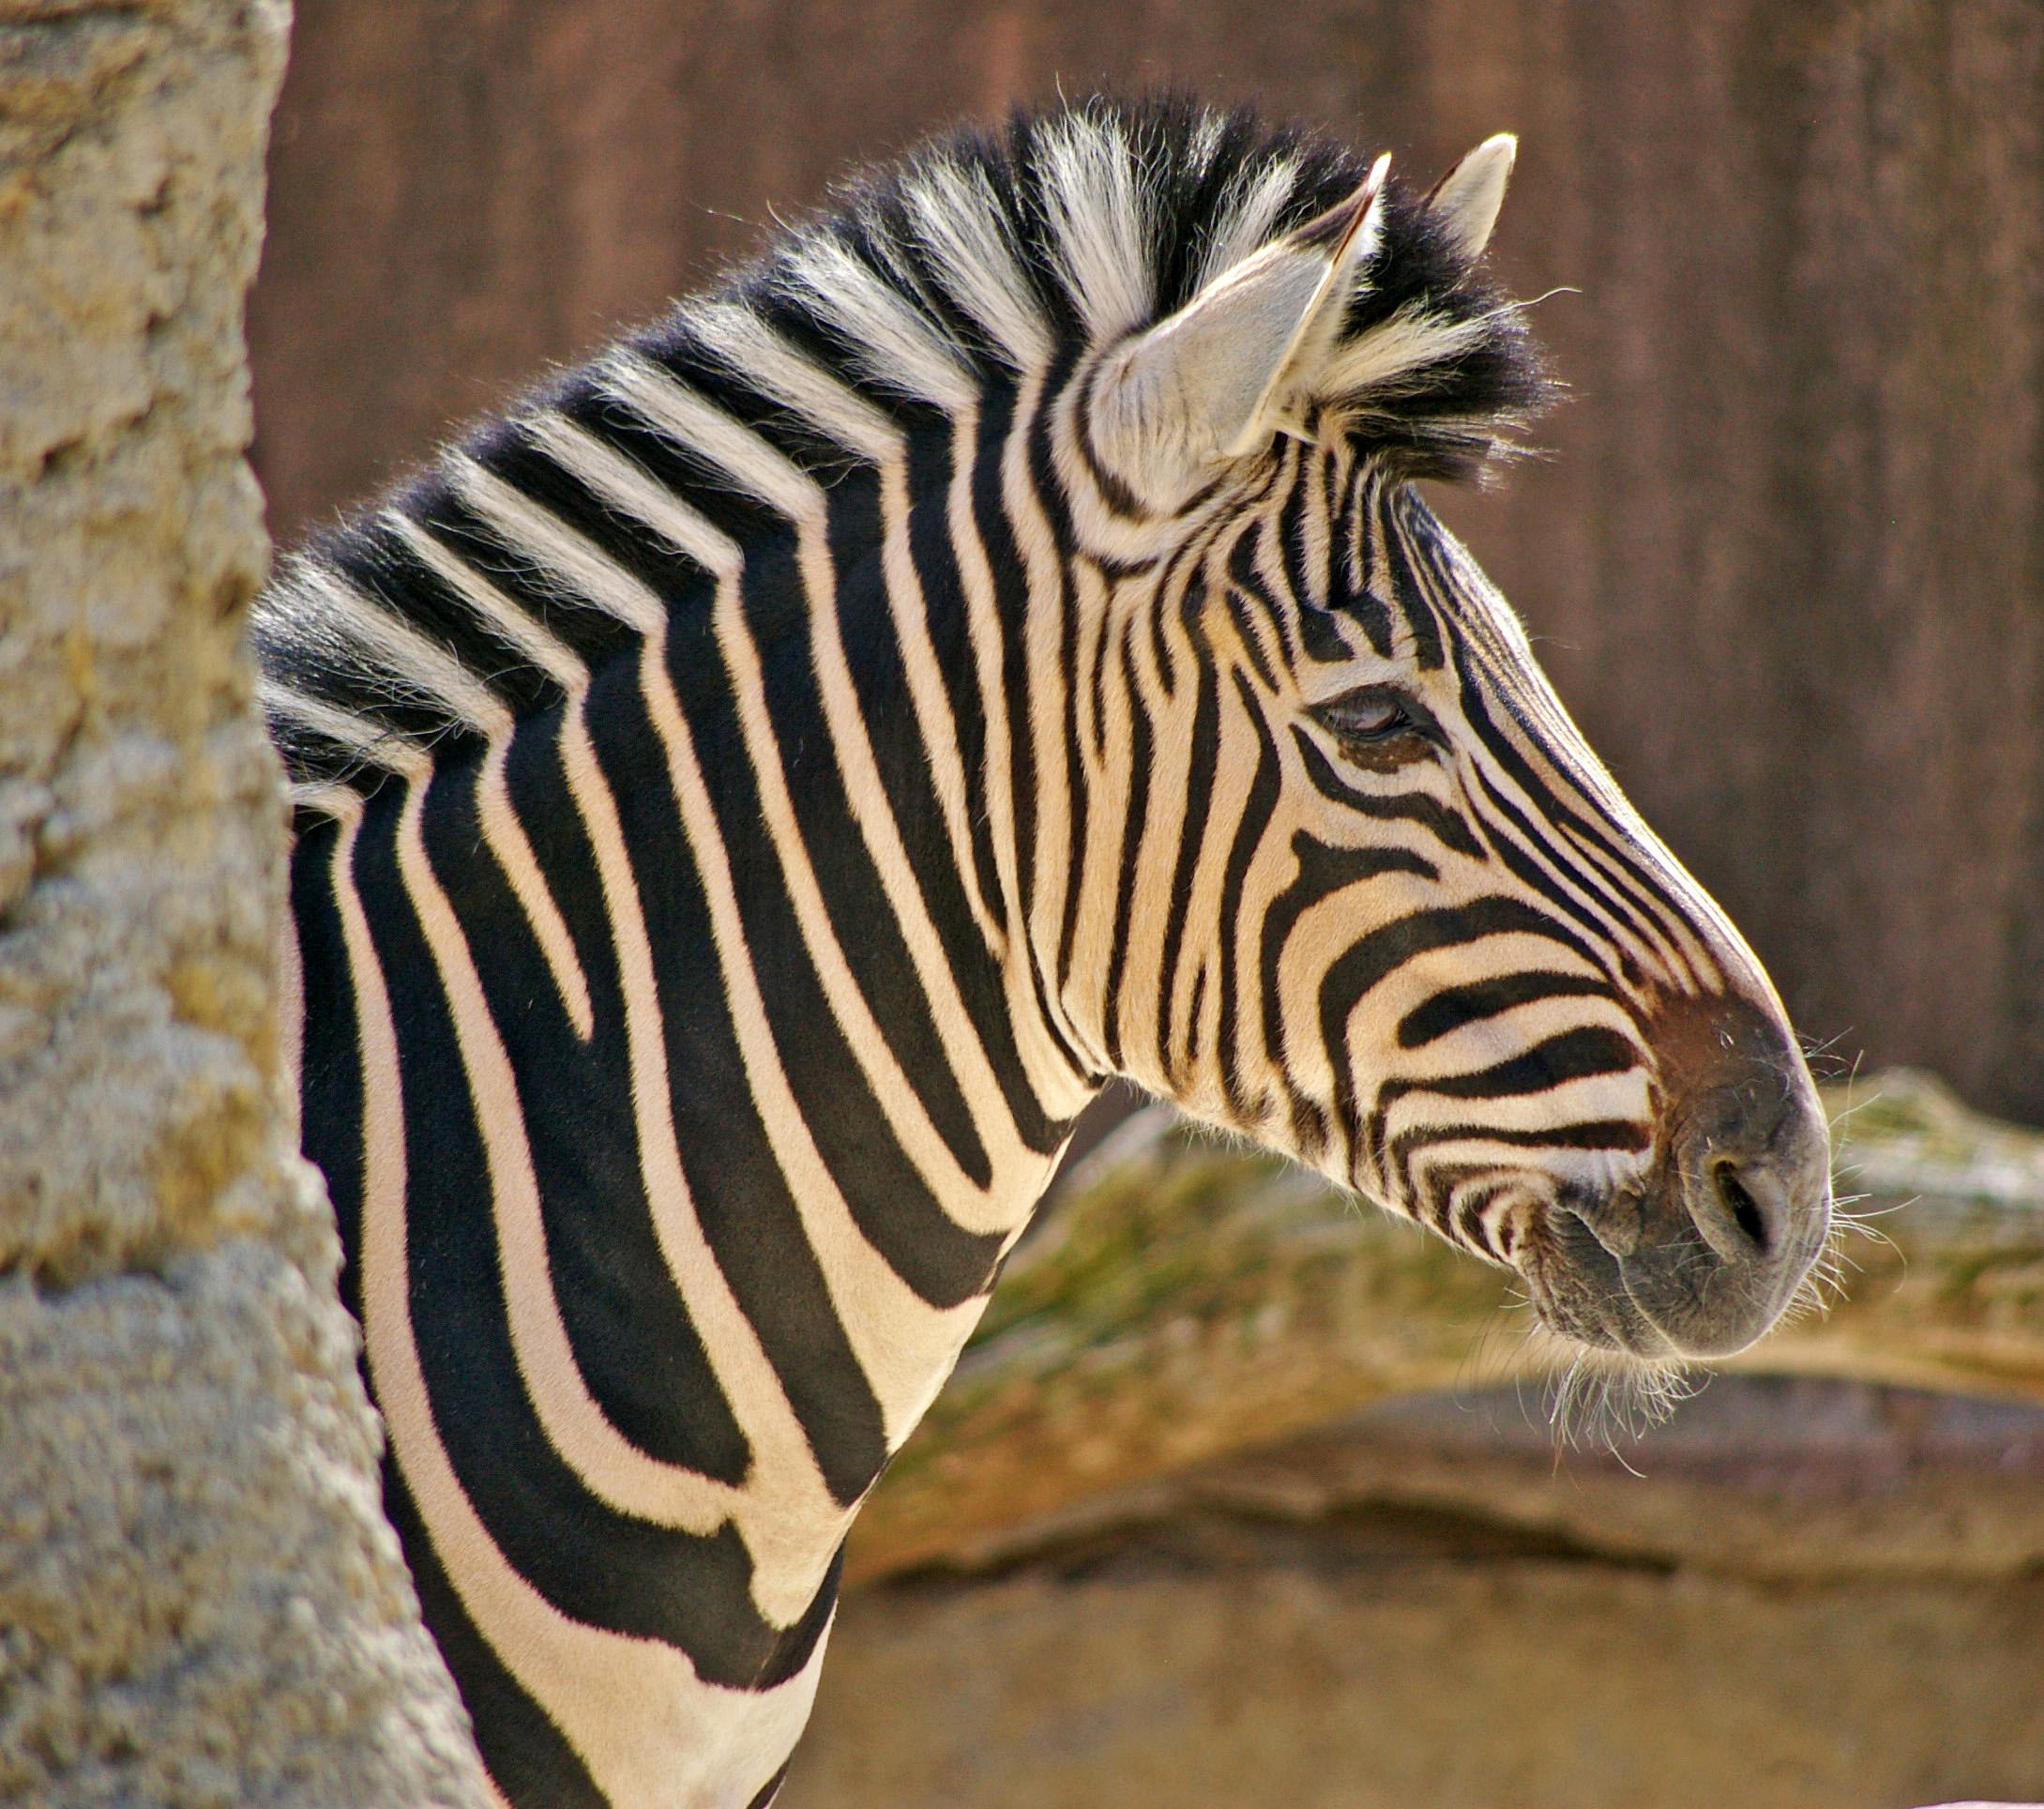 Mke Zoo Zebra at 2100.jpg